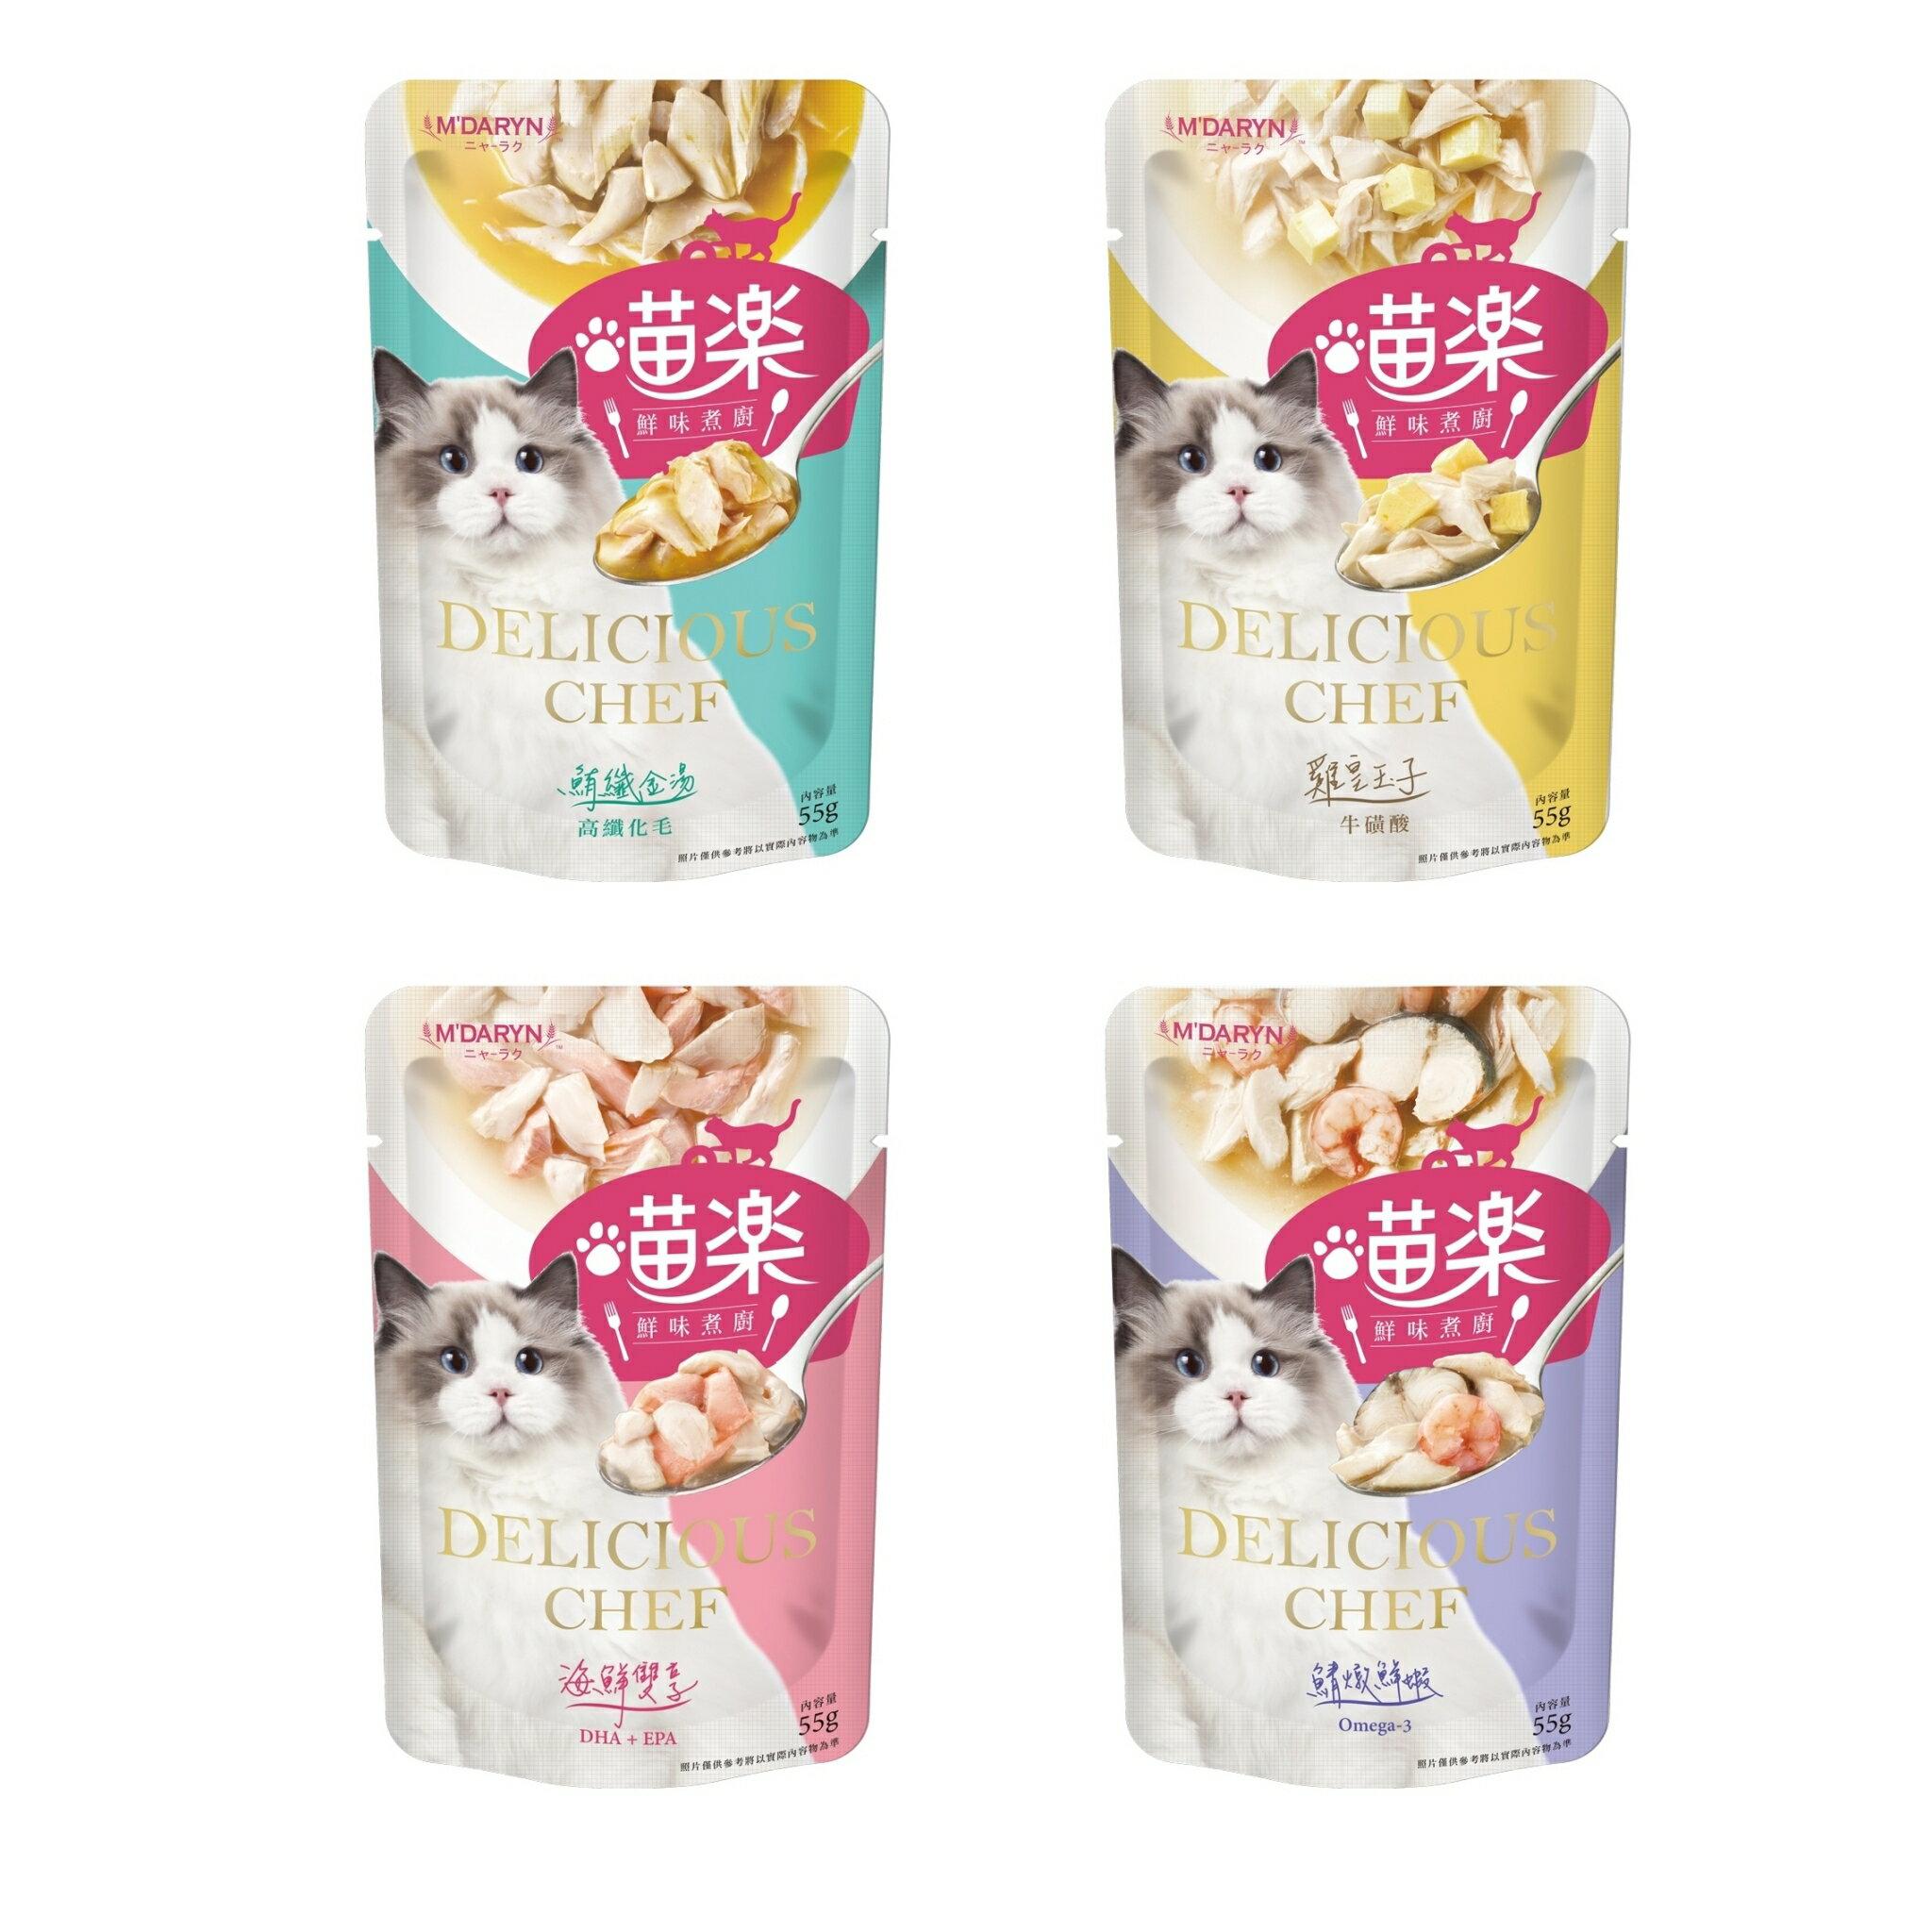 喵樂 鮮味煮廚 貓餐包 55g 高品質肉塊 佐濃郁湯汁 貓罐頭 四口味